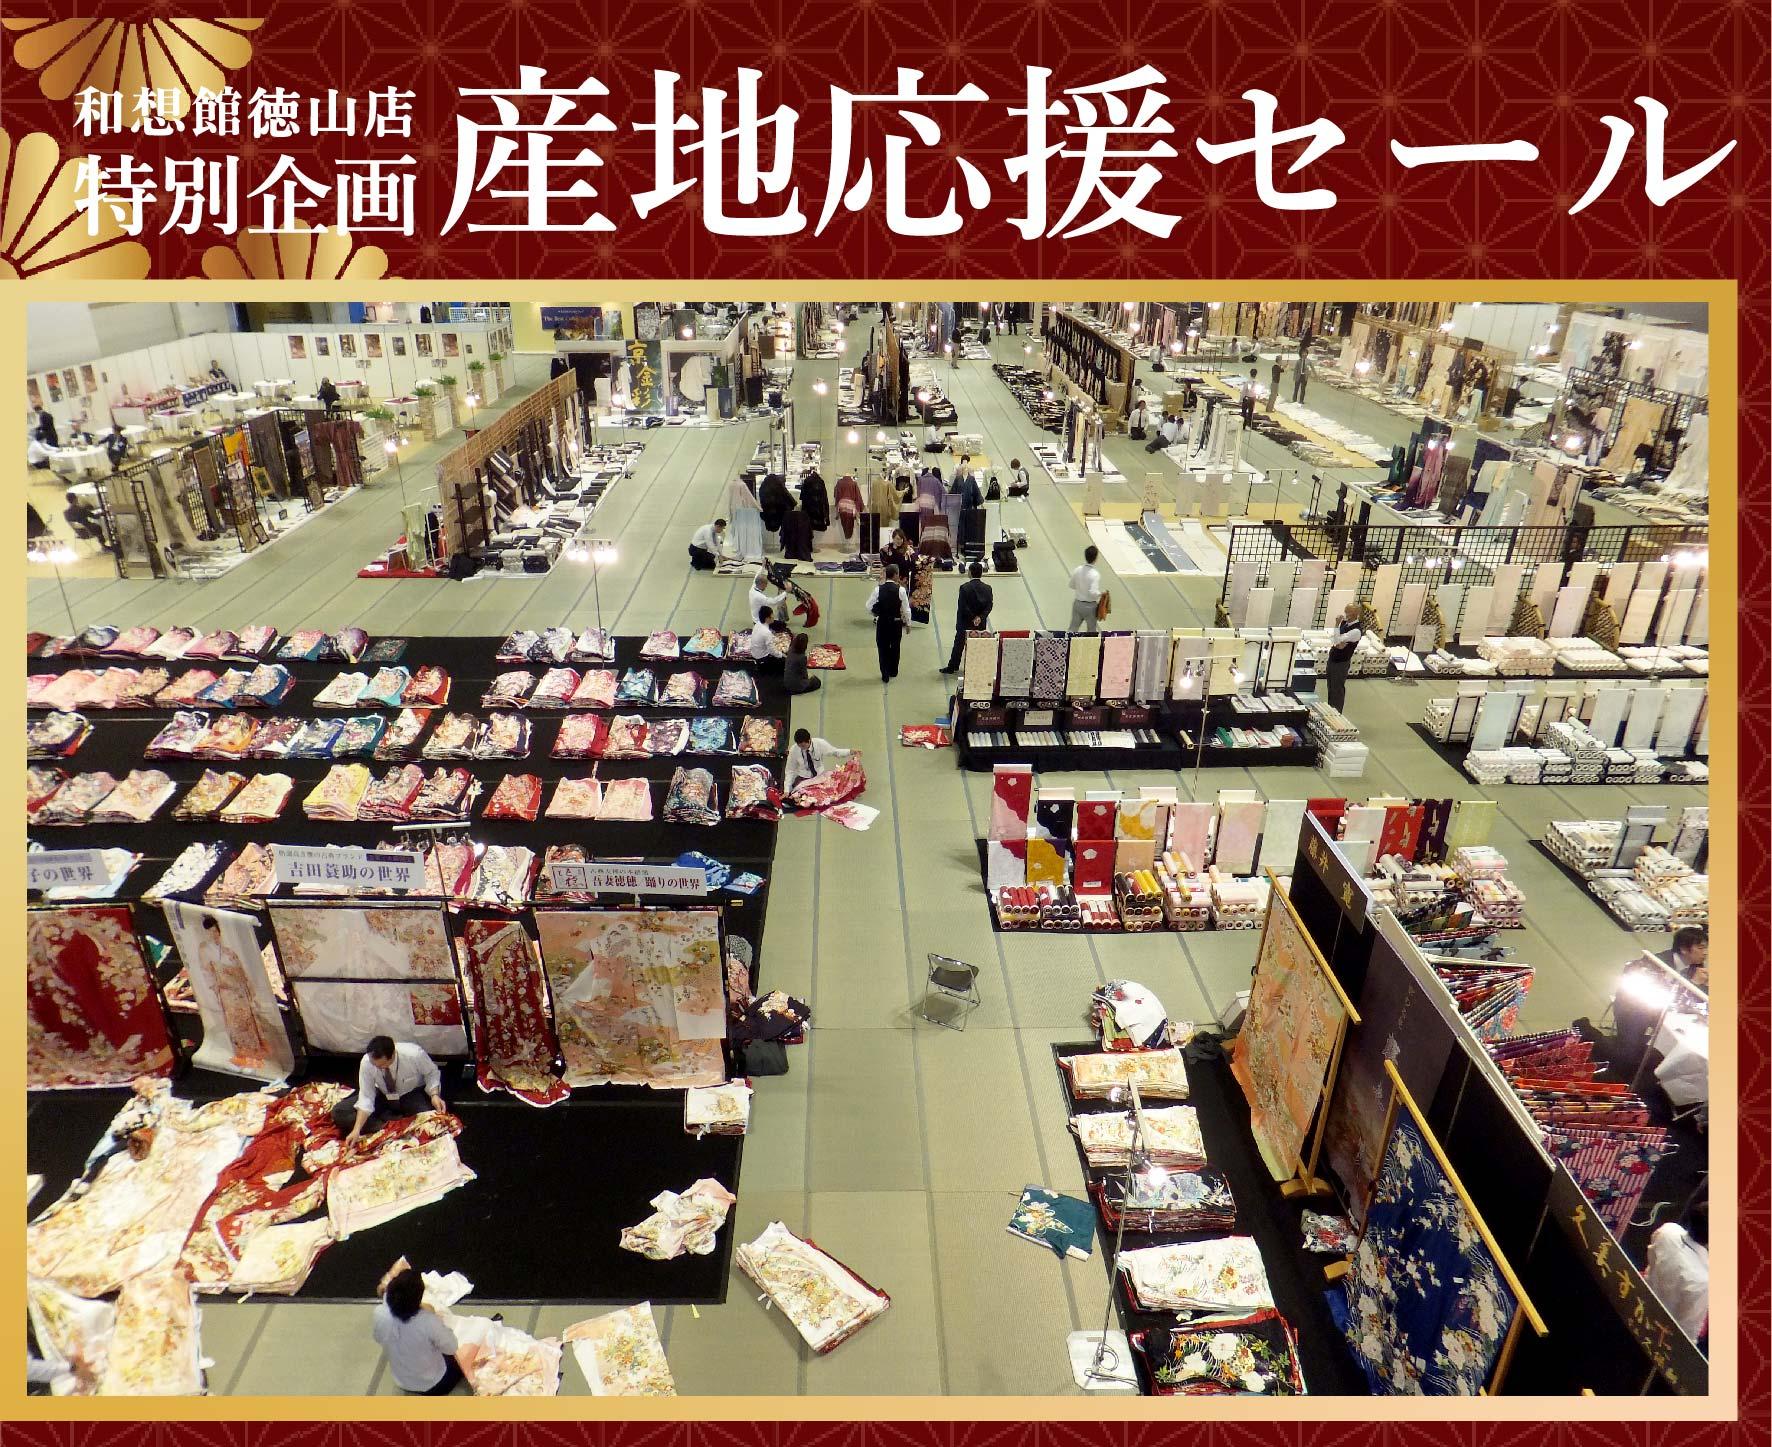 【徳山店】11月展示 和想館徳山店特別企画 産地応援セール